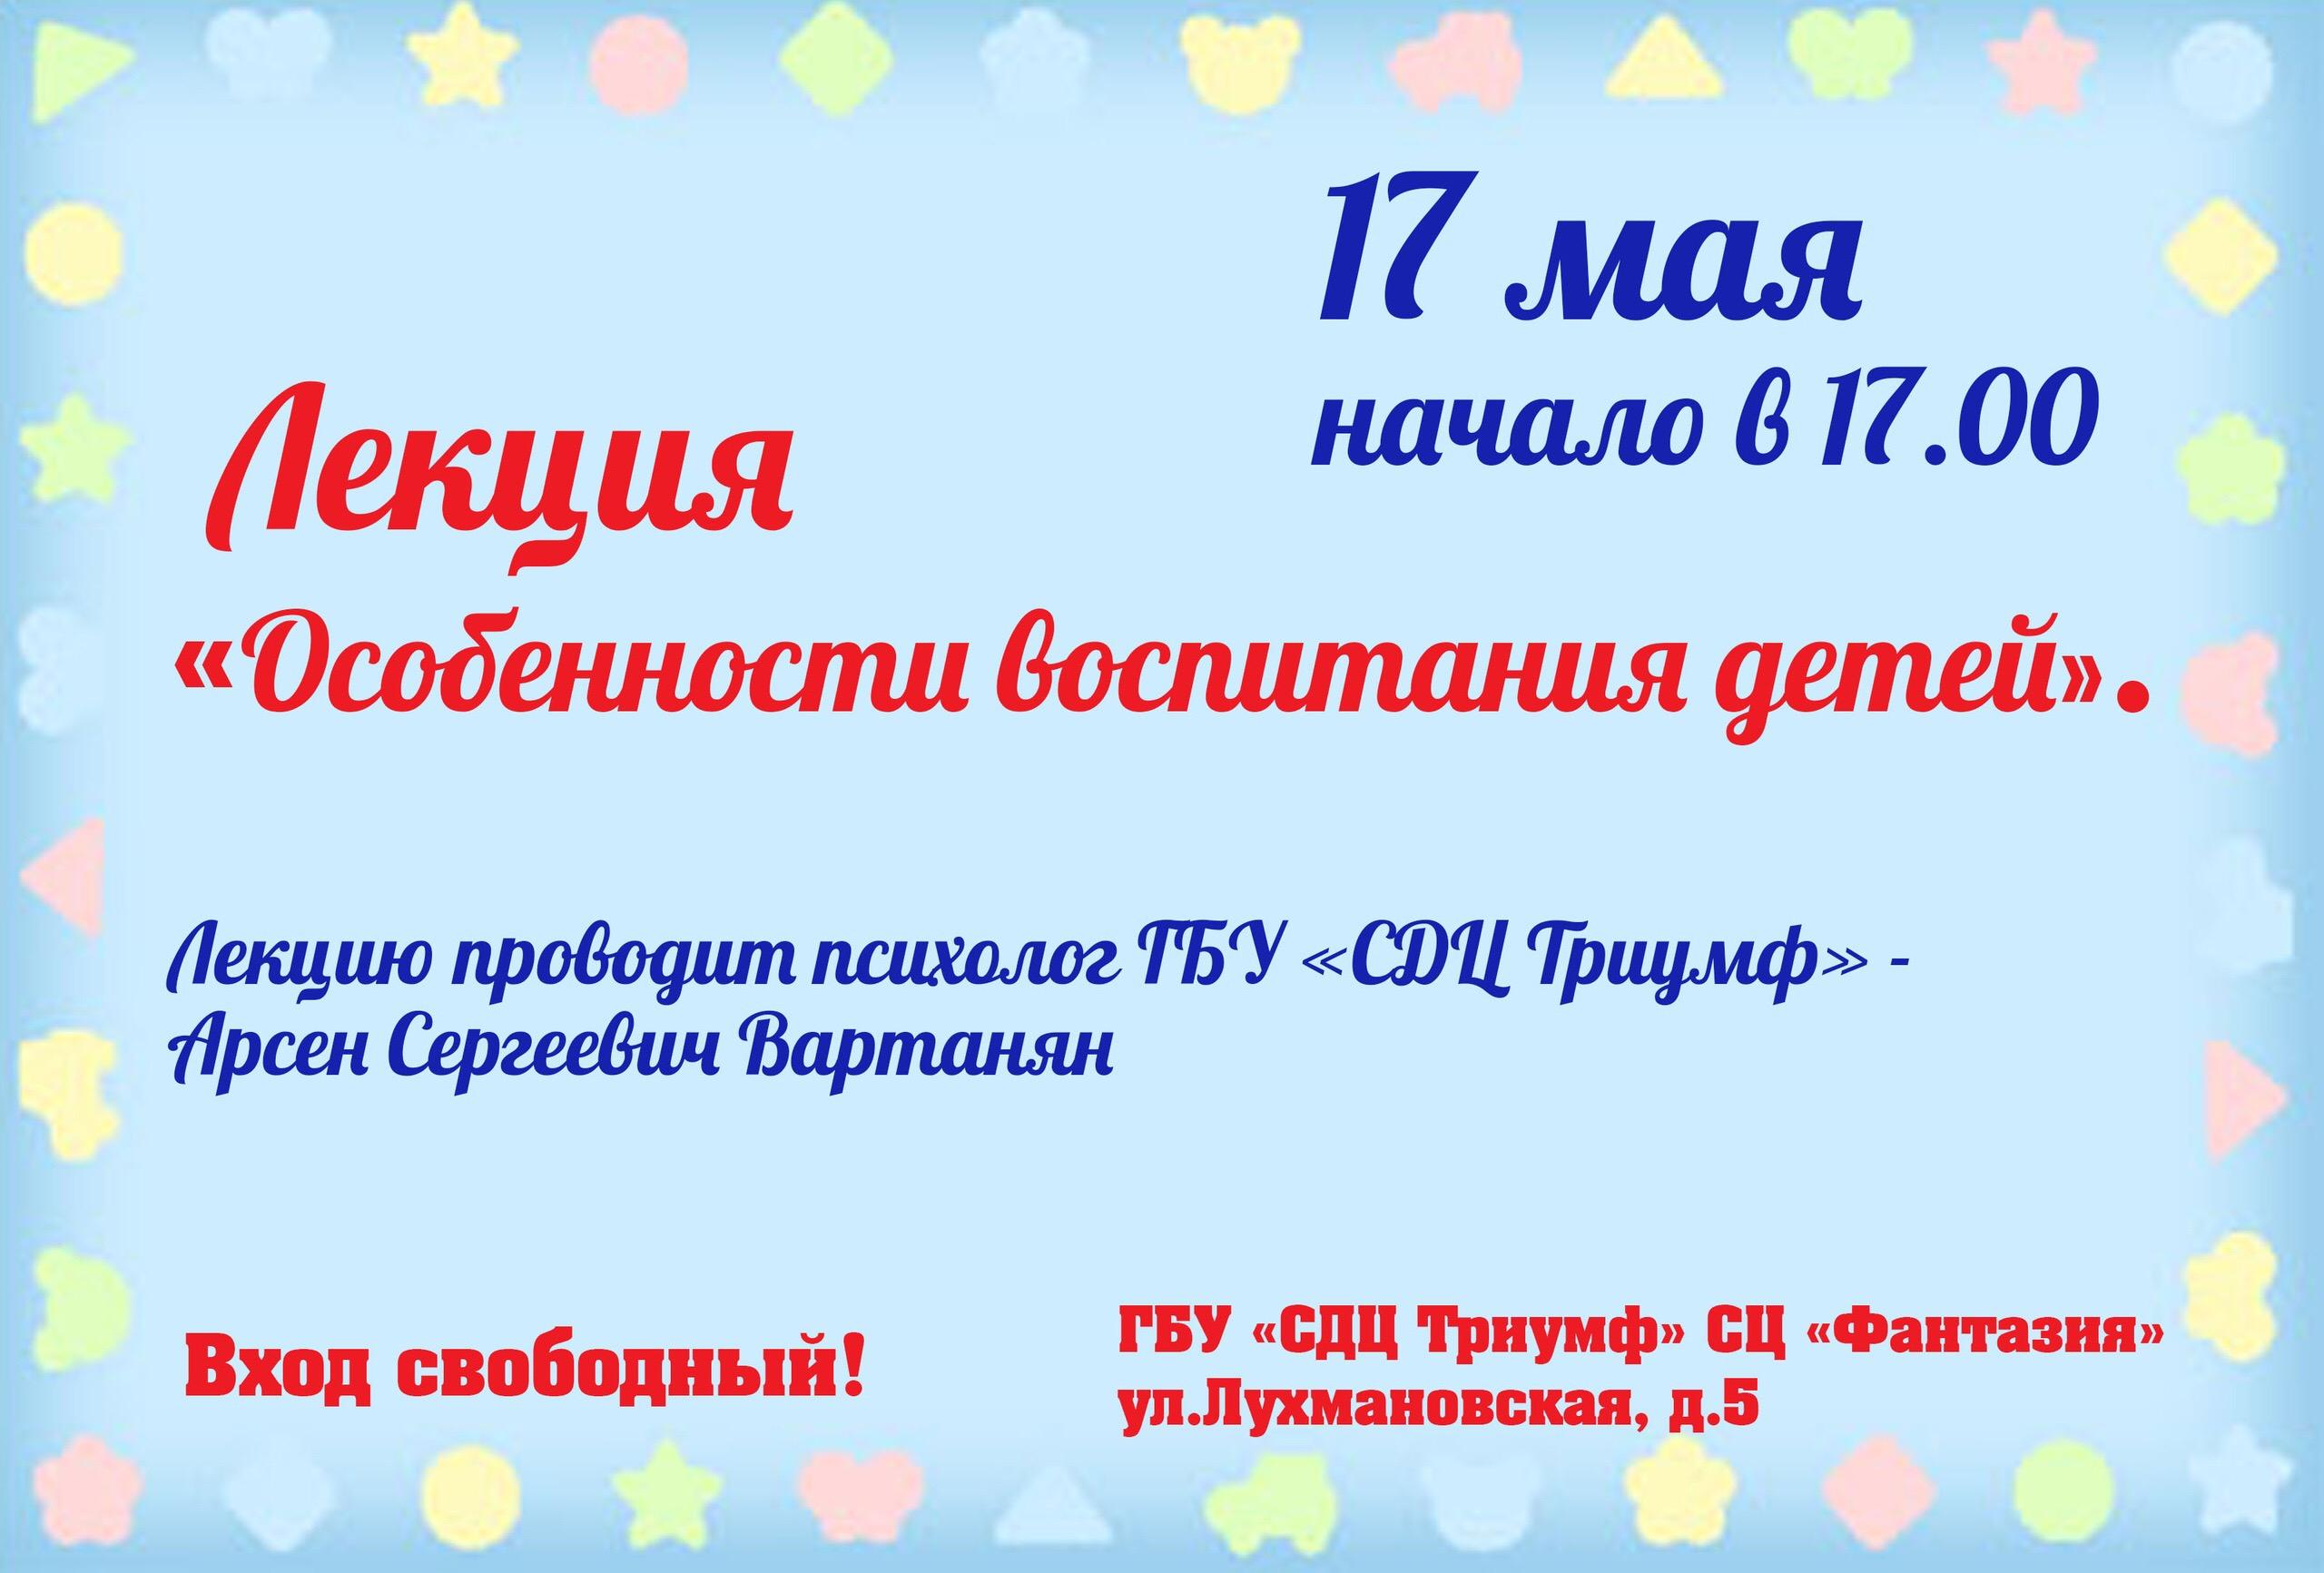 861AEF62-096E-48B3-8D7D-55122AC89F75